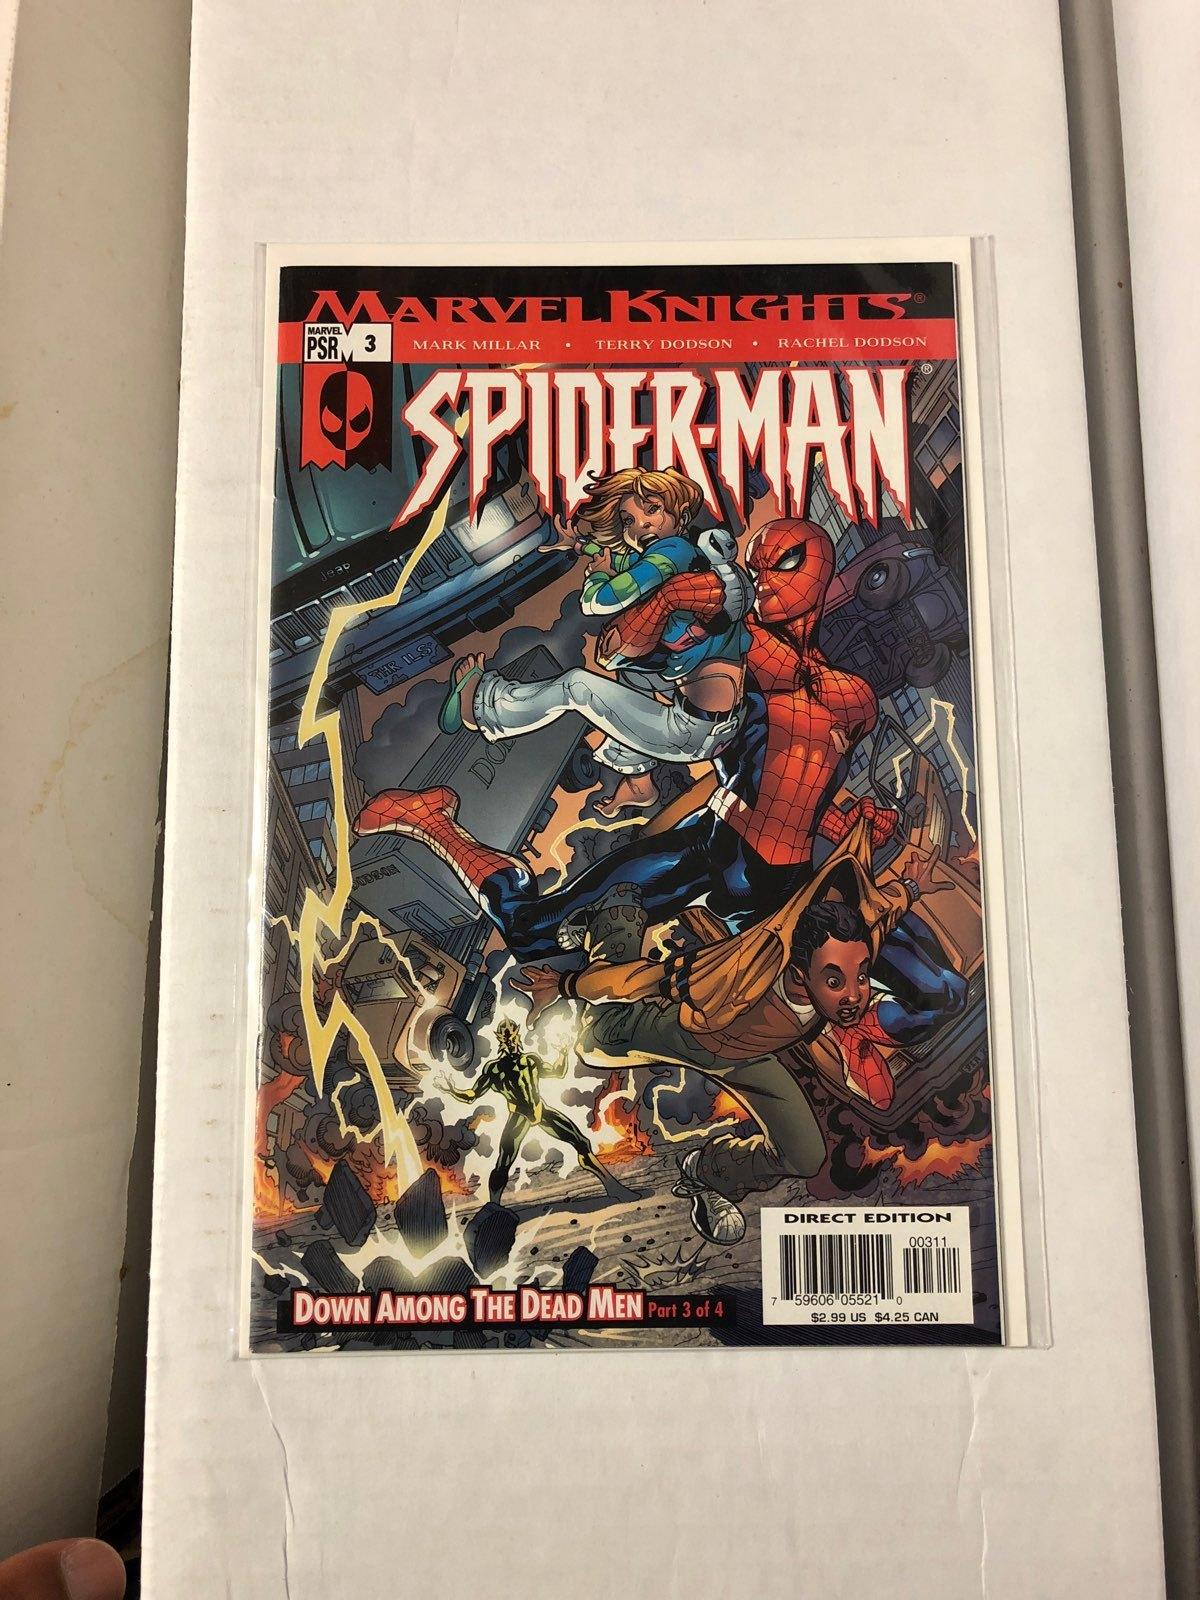 Marvel Knights Spider-Man #3